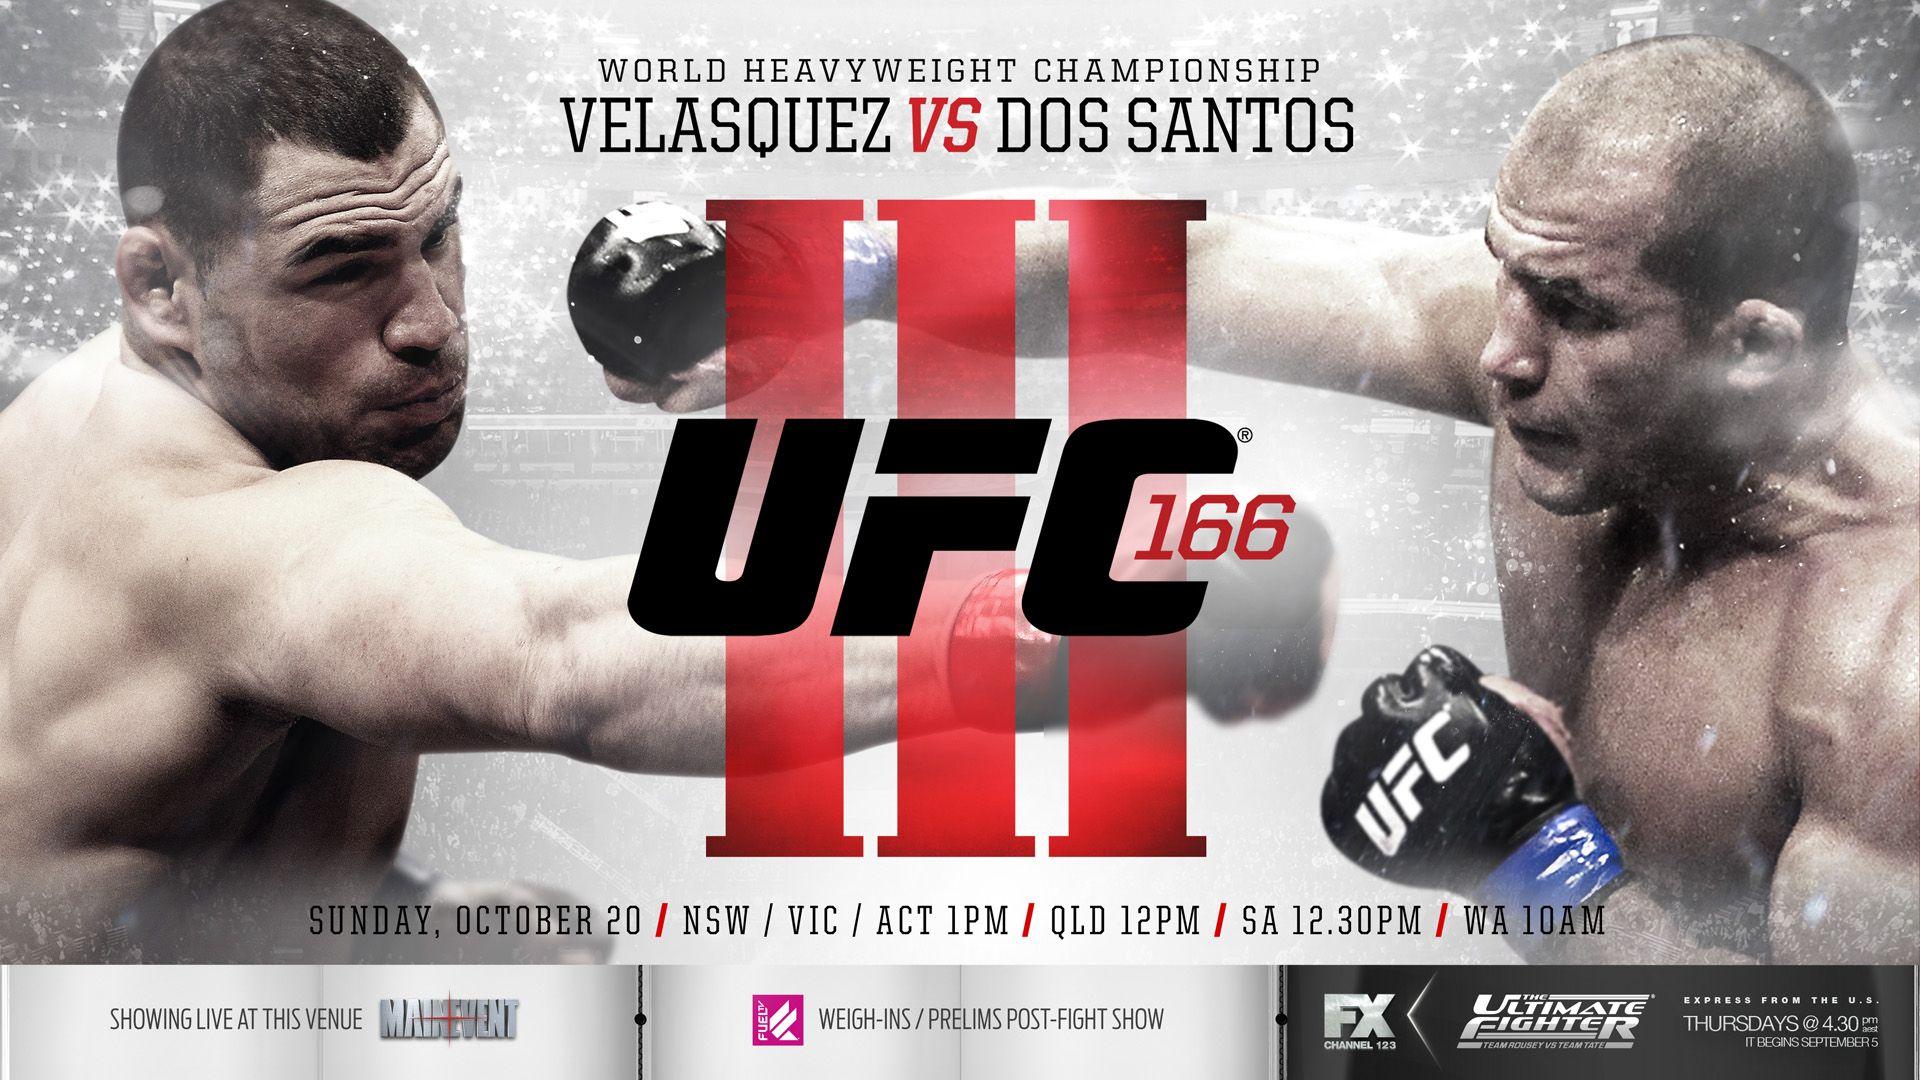 Wallpaper for UFC 166 | Cain velasquez, Ufc, World heavyweight ...